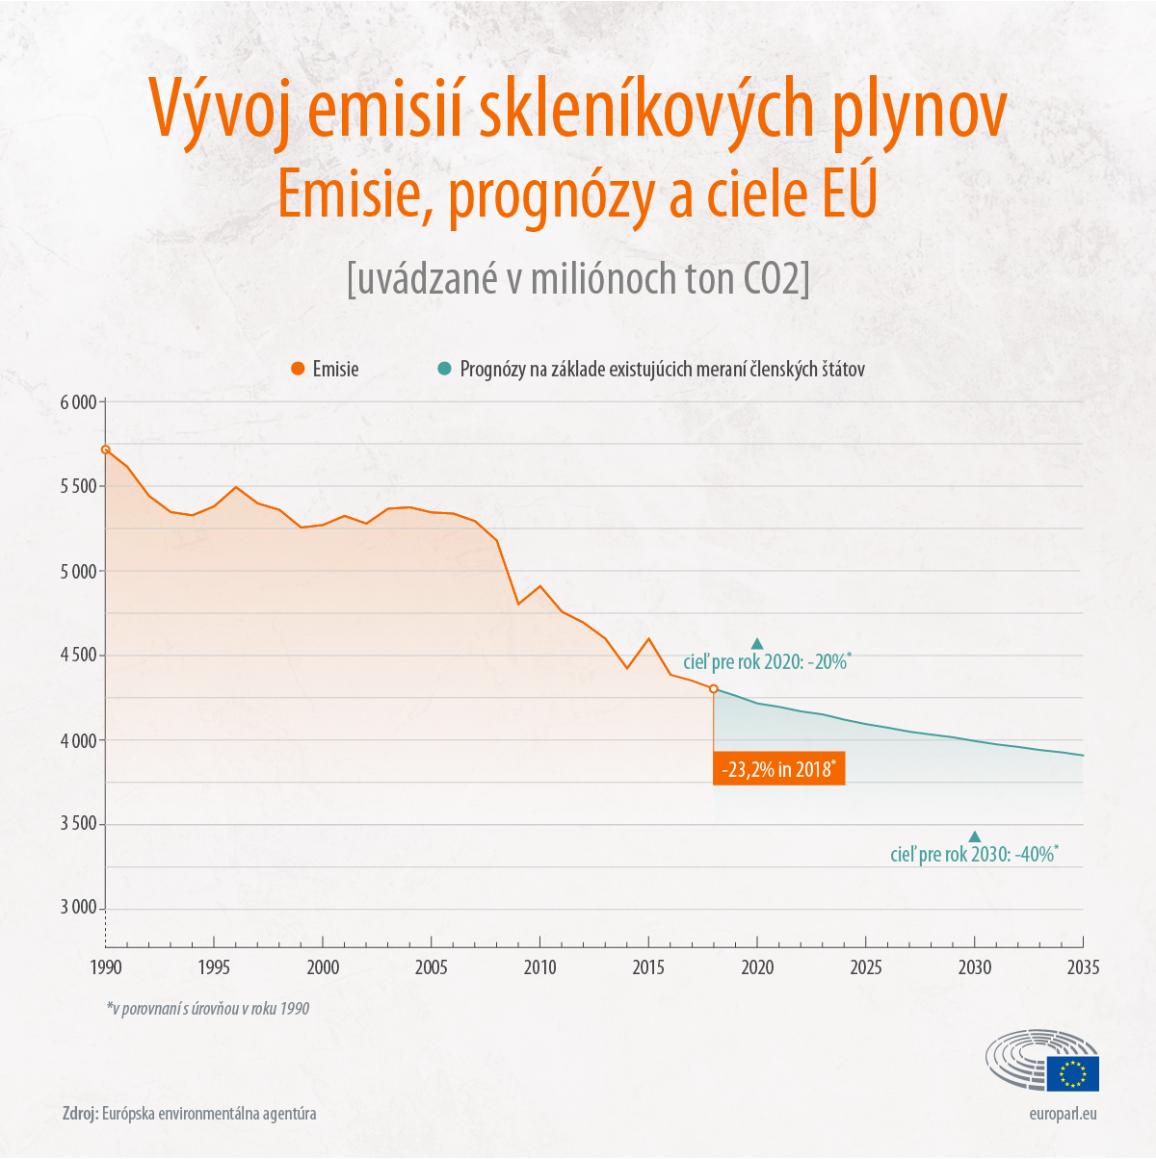 Graf znázorňujúci vývoj emisií skleníkových plynov v EÚ v rokoch 1990 až 2020 a prognózy do roku 2035.